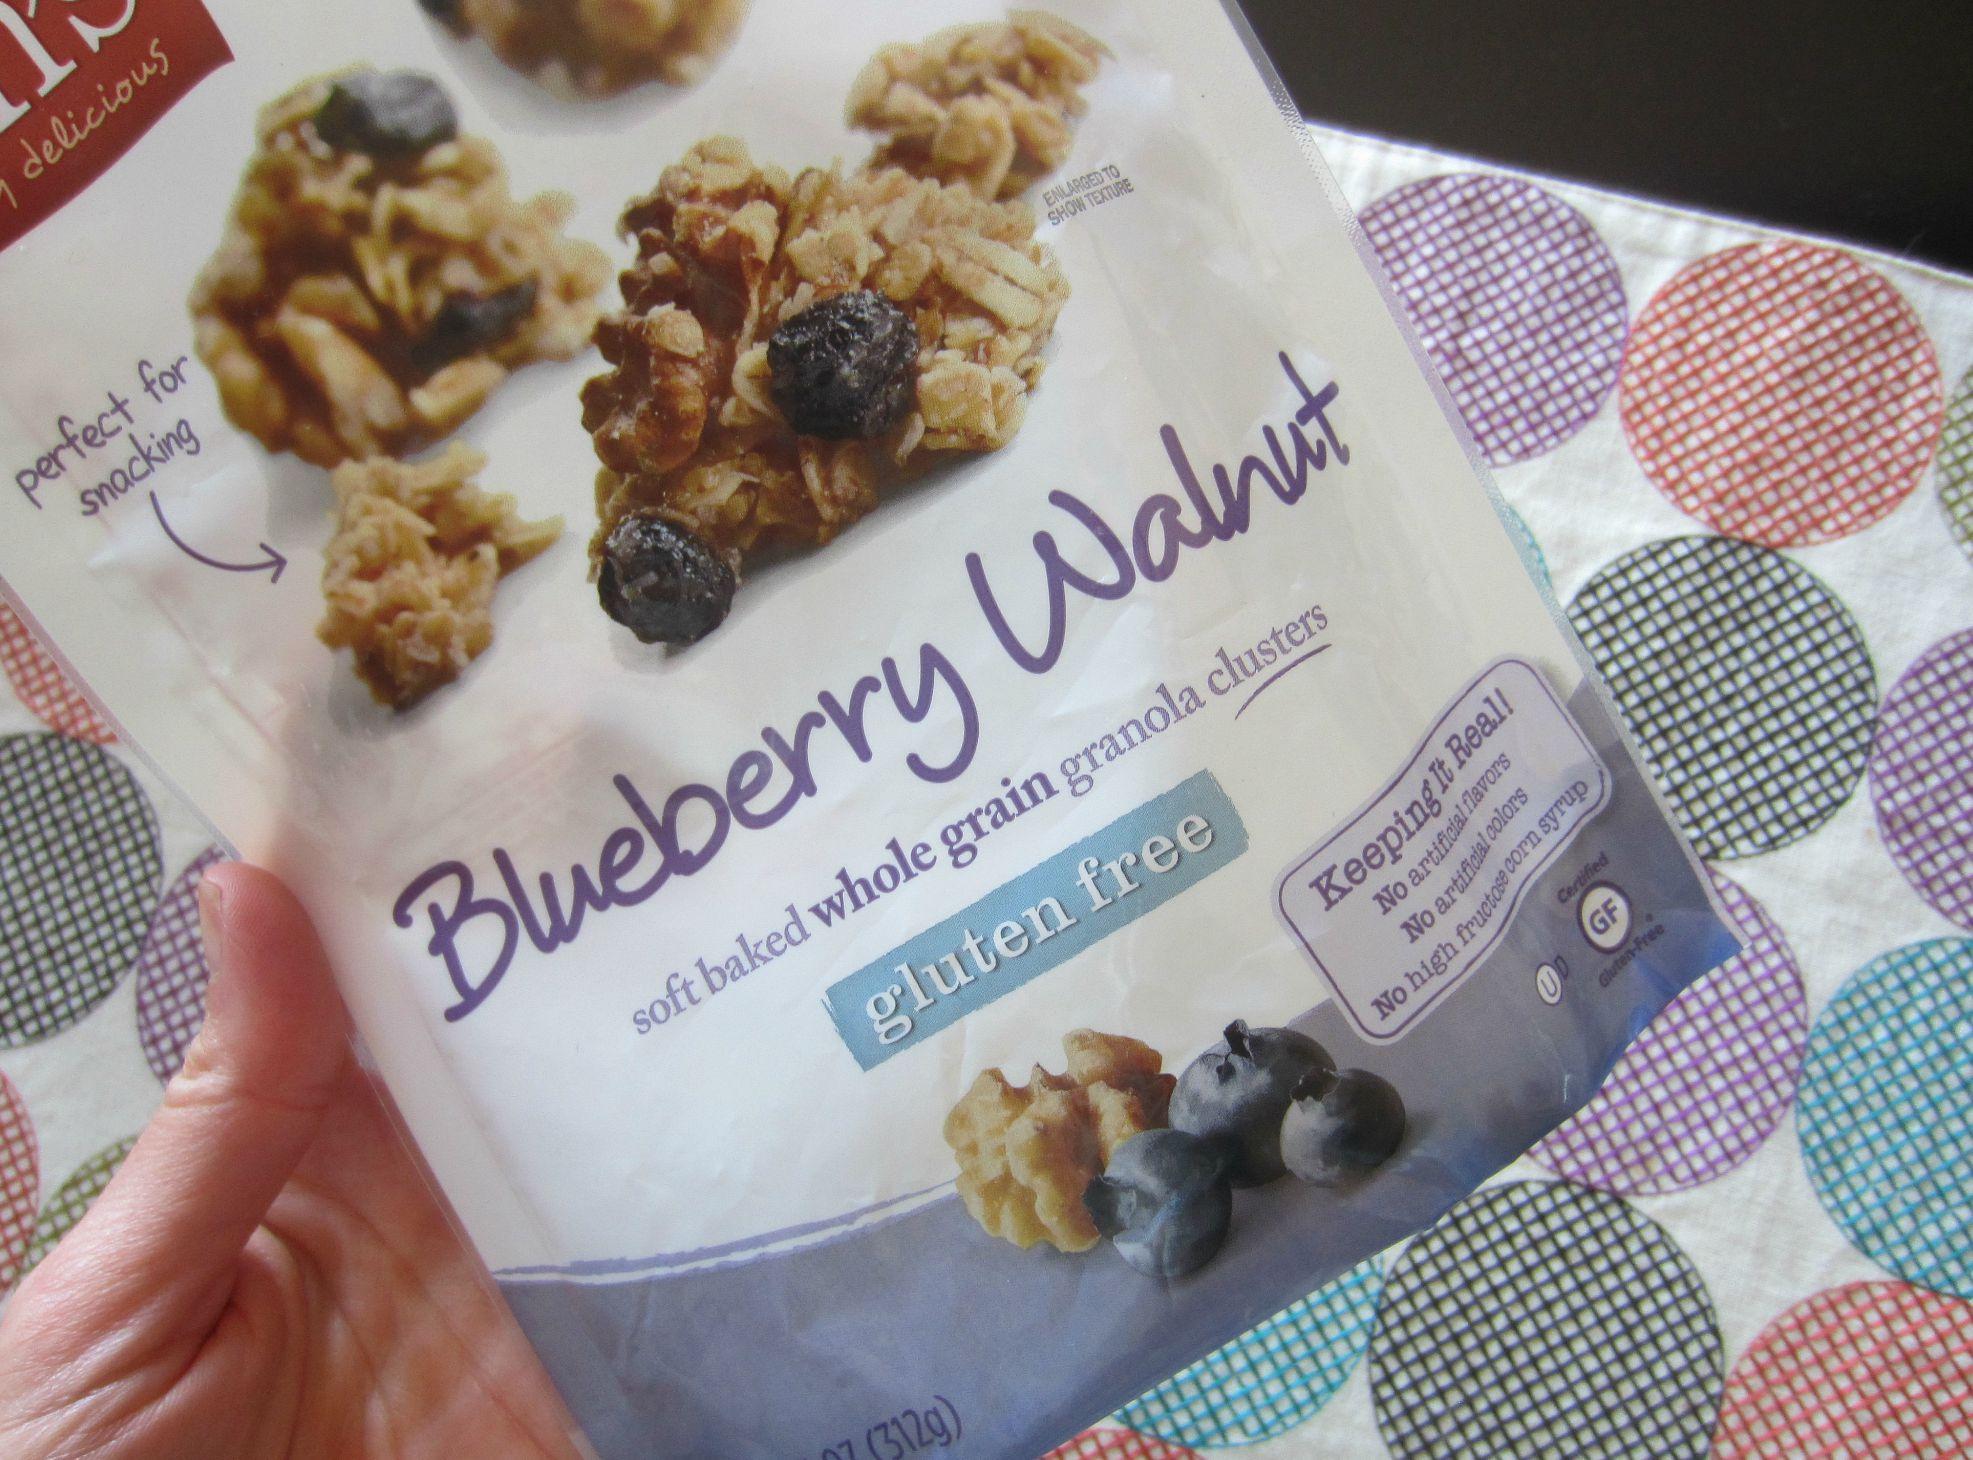 Blueberry Walnut gluten free granola vans